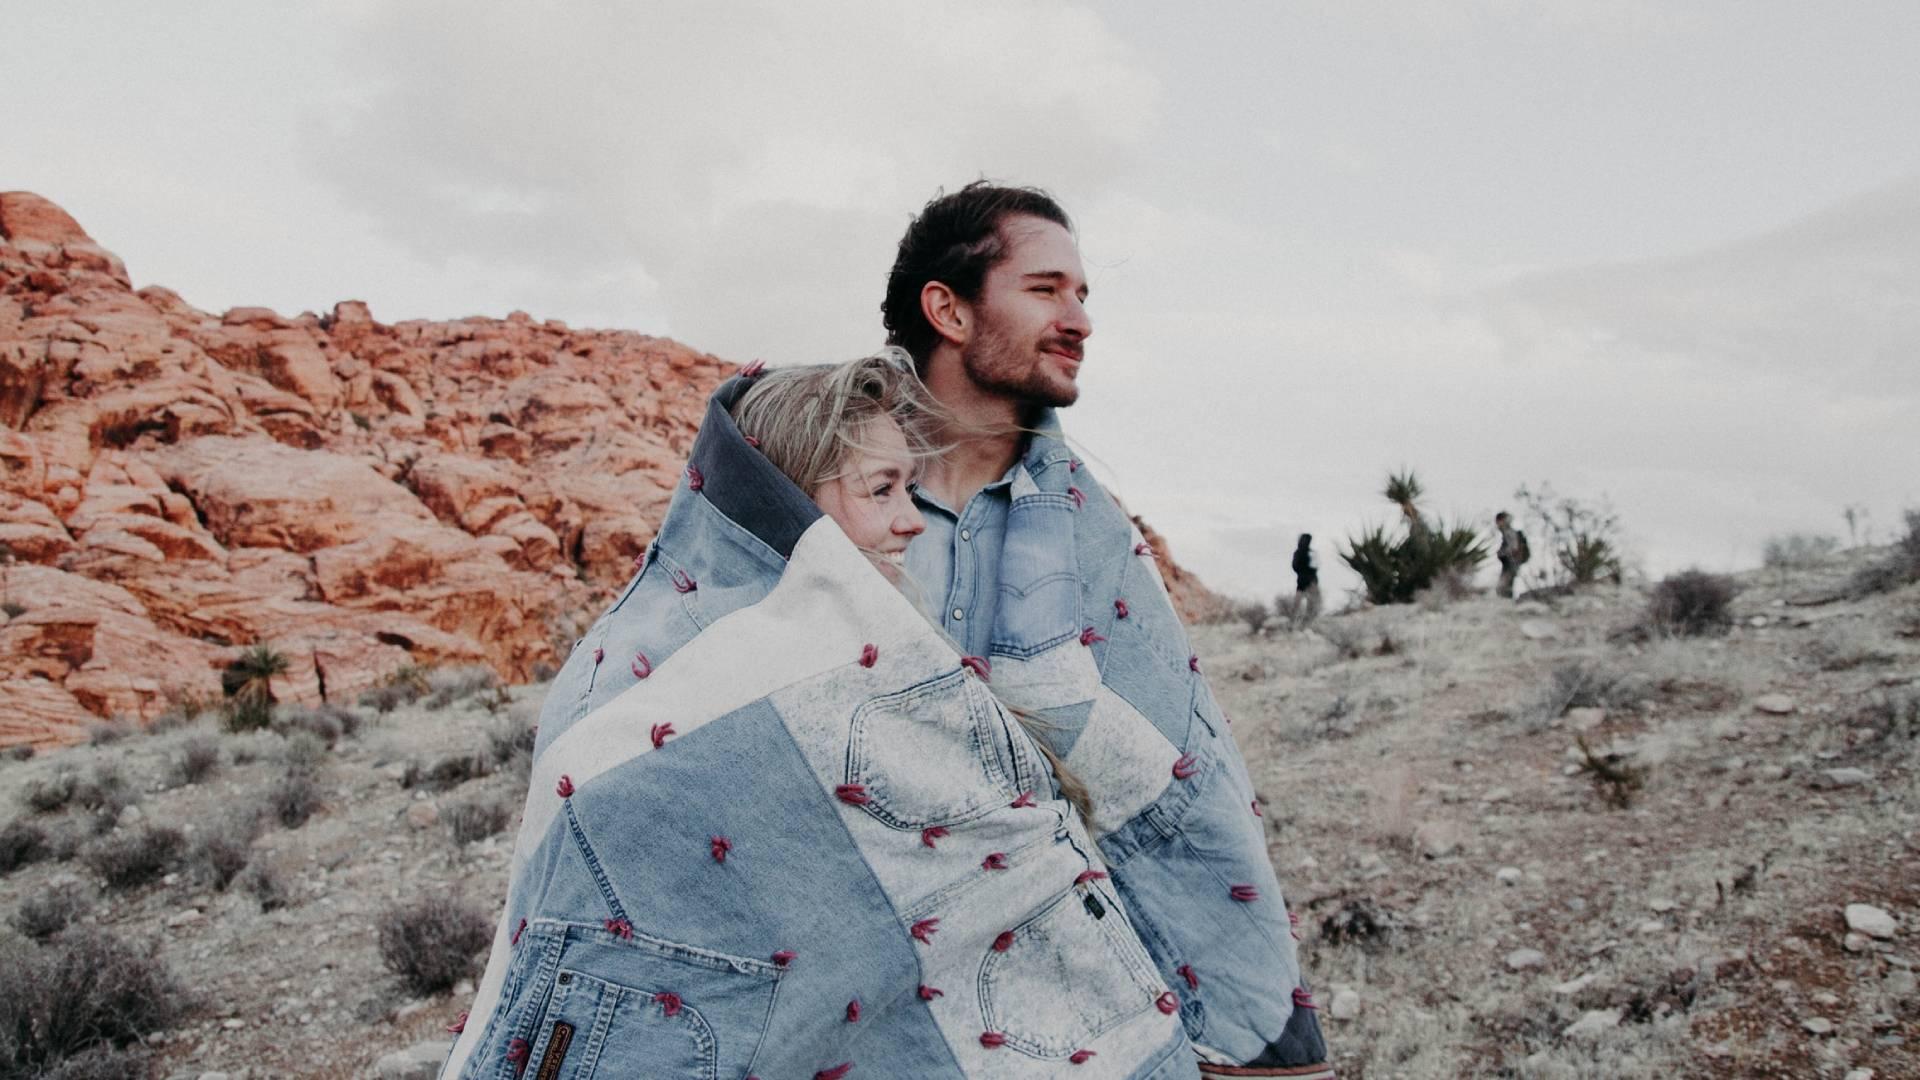 szerelmesek a sivatagban